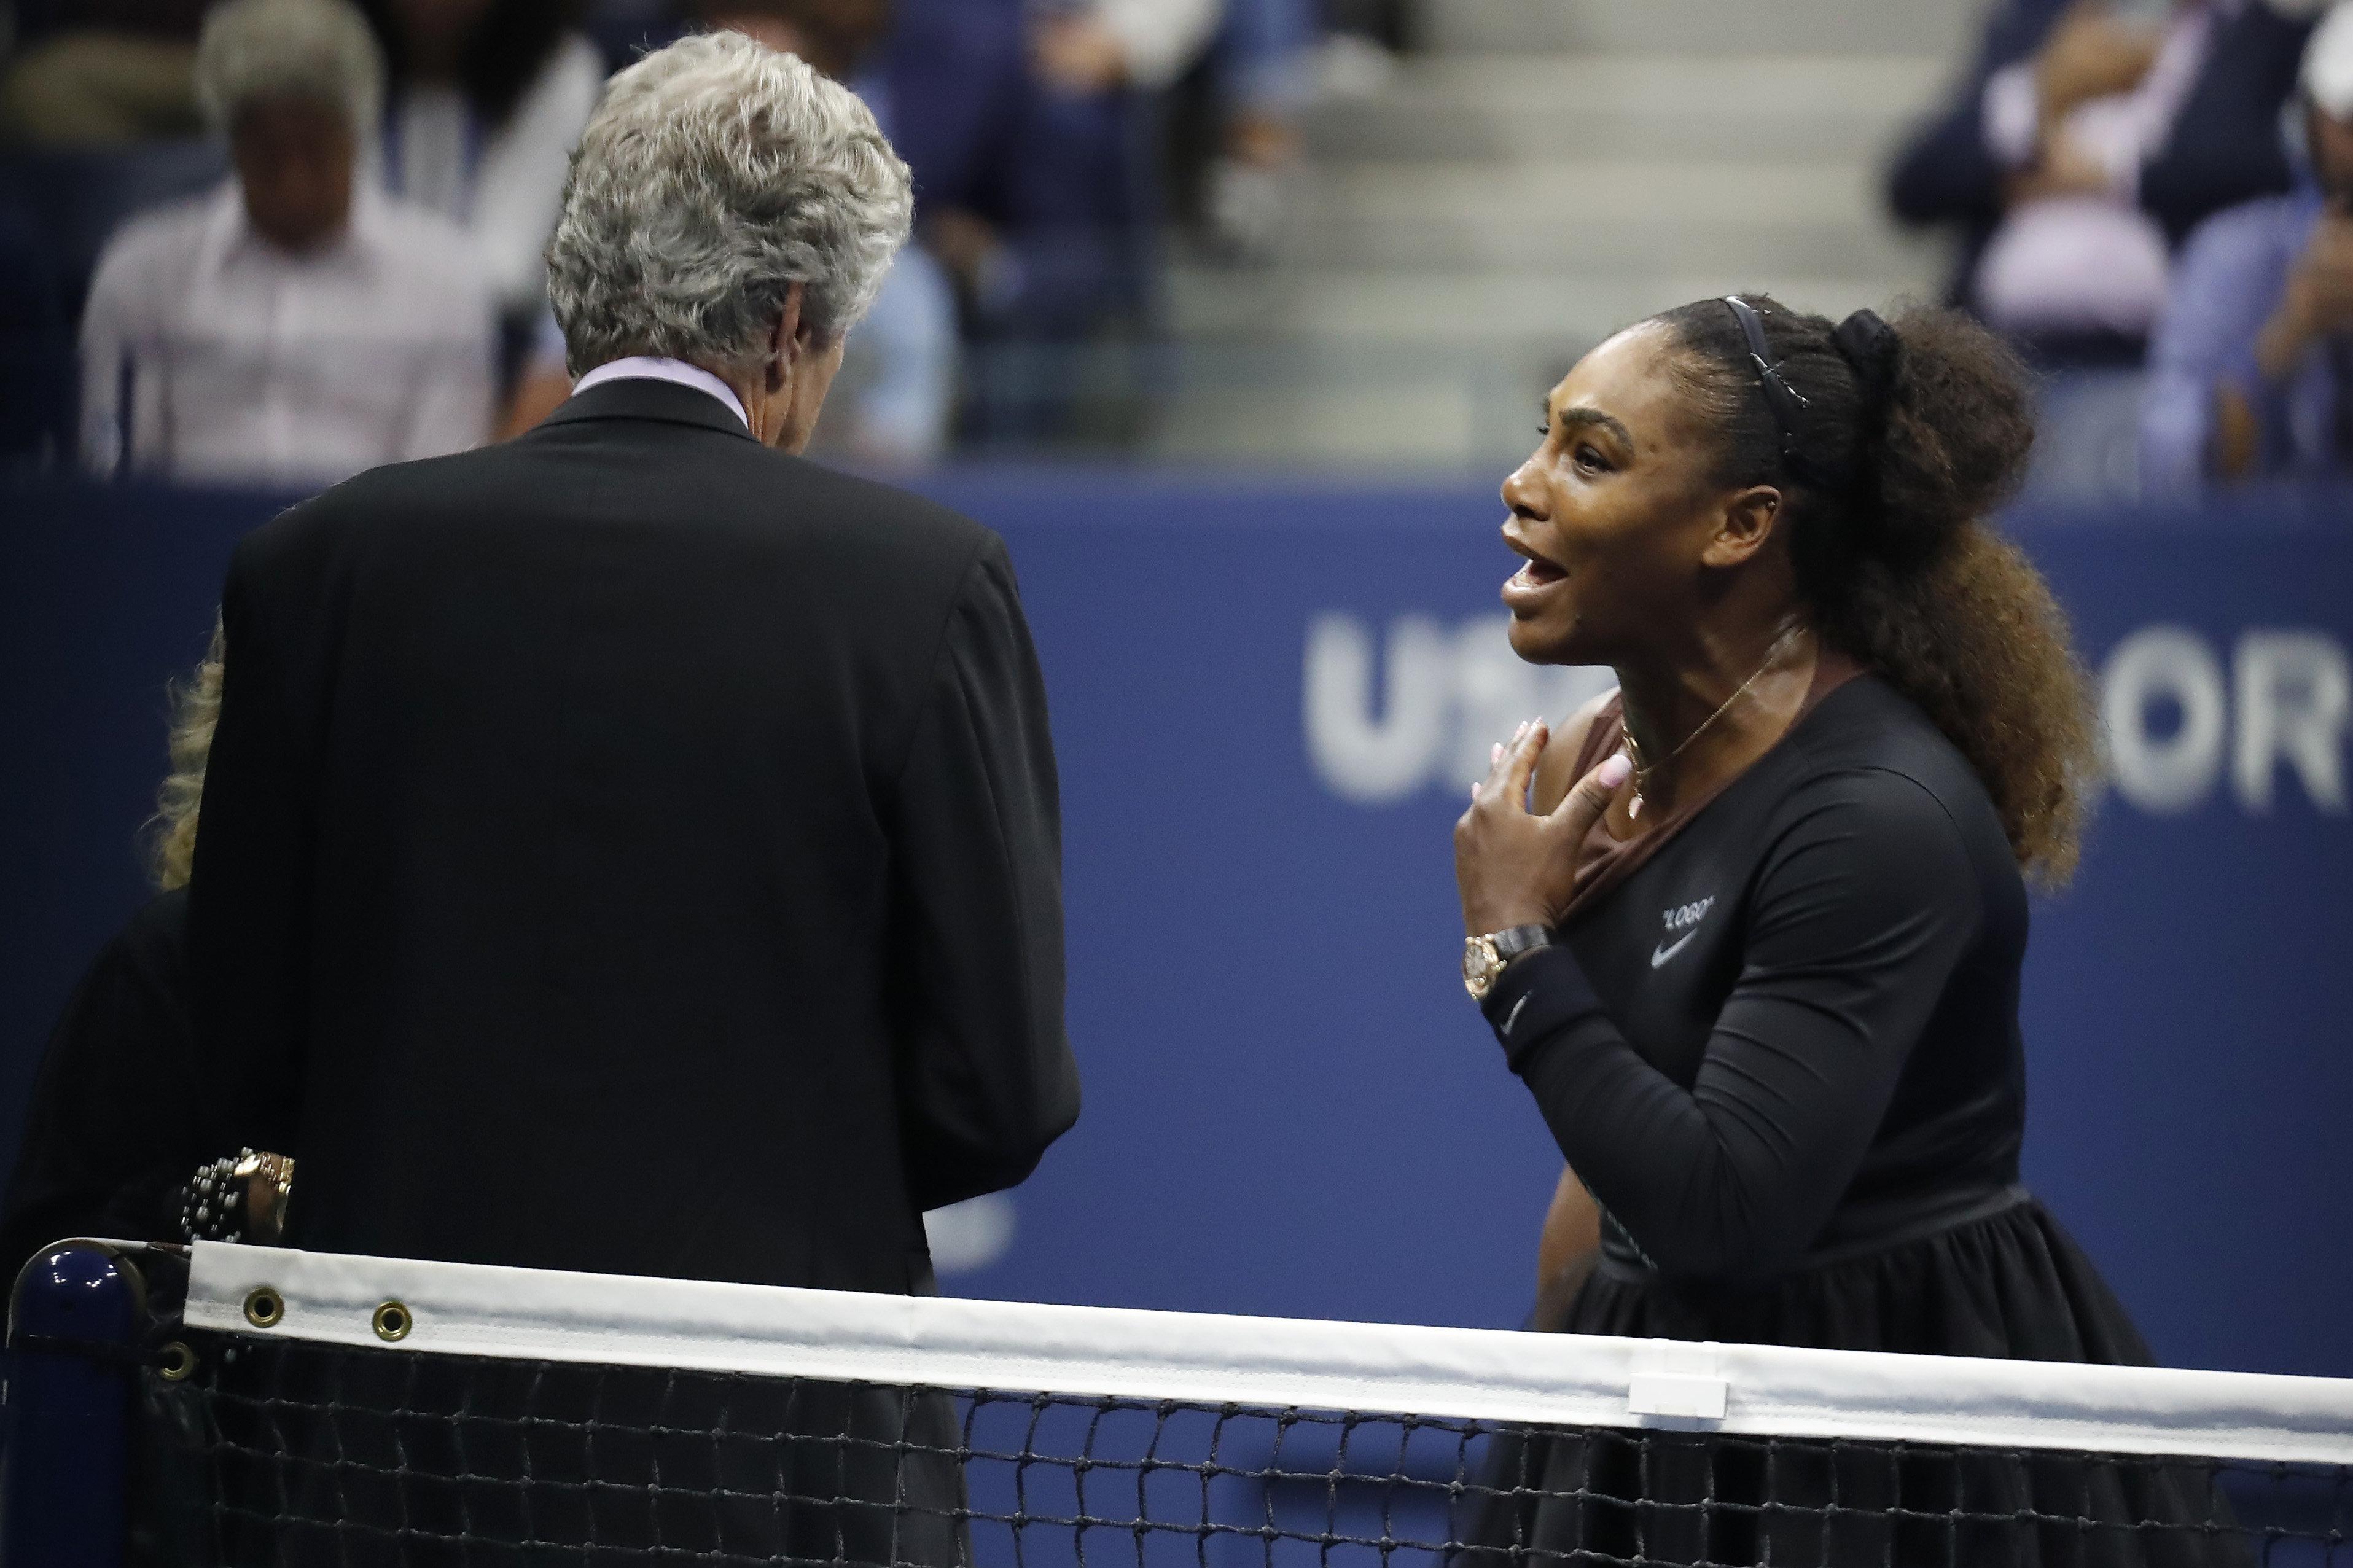 Serena Williams Addresses U.S. Open Controversy In New